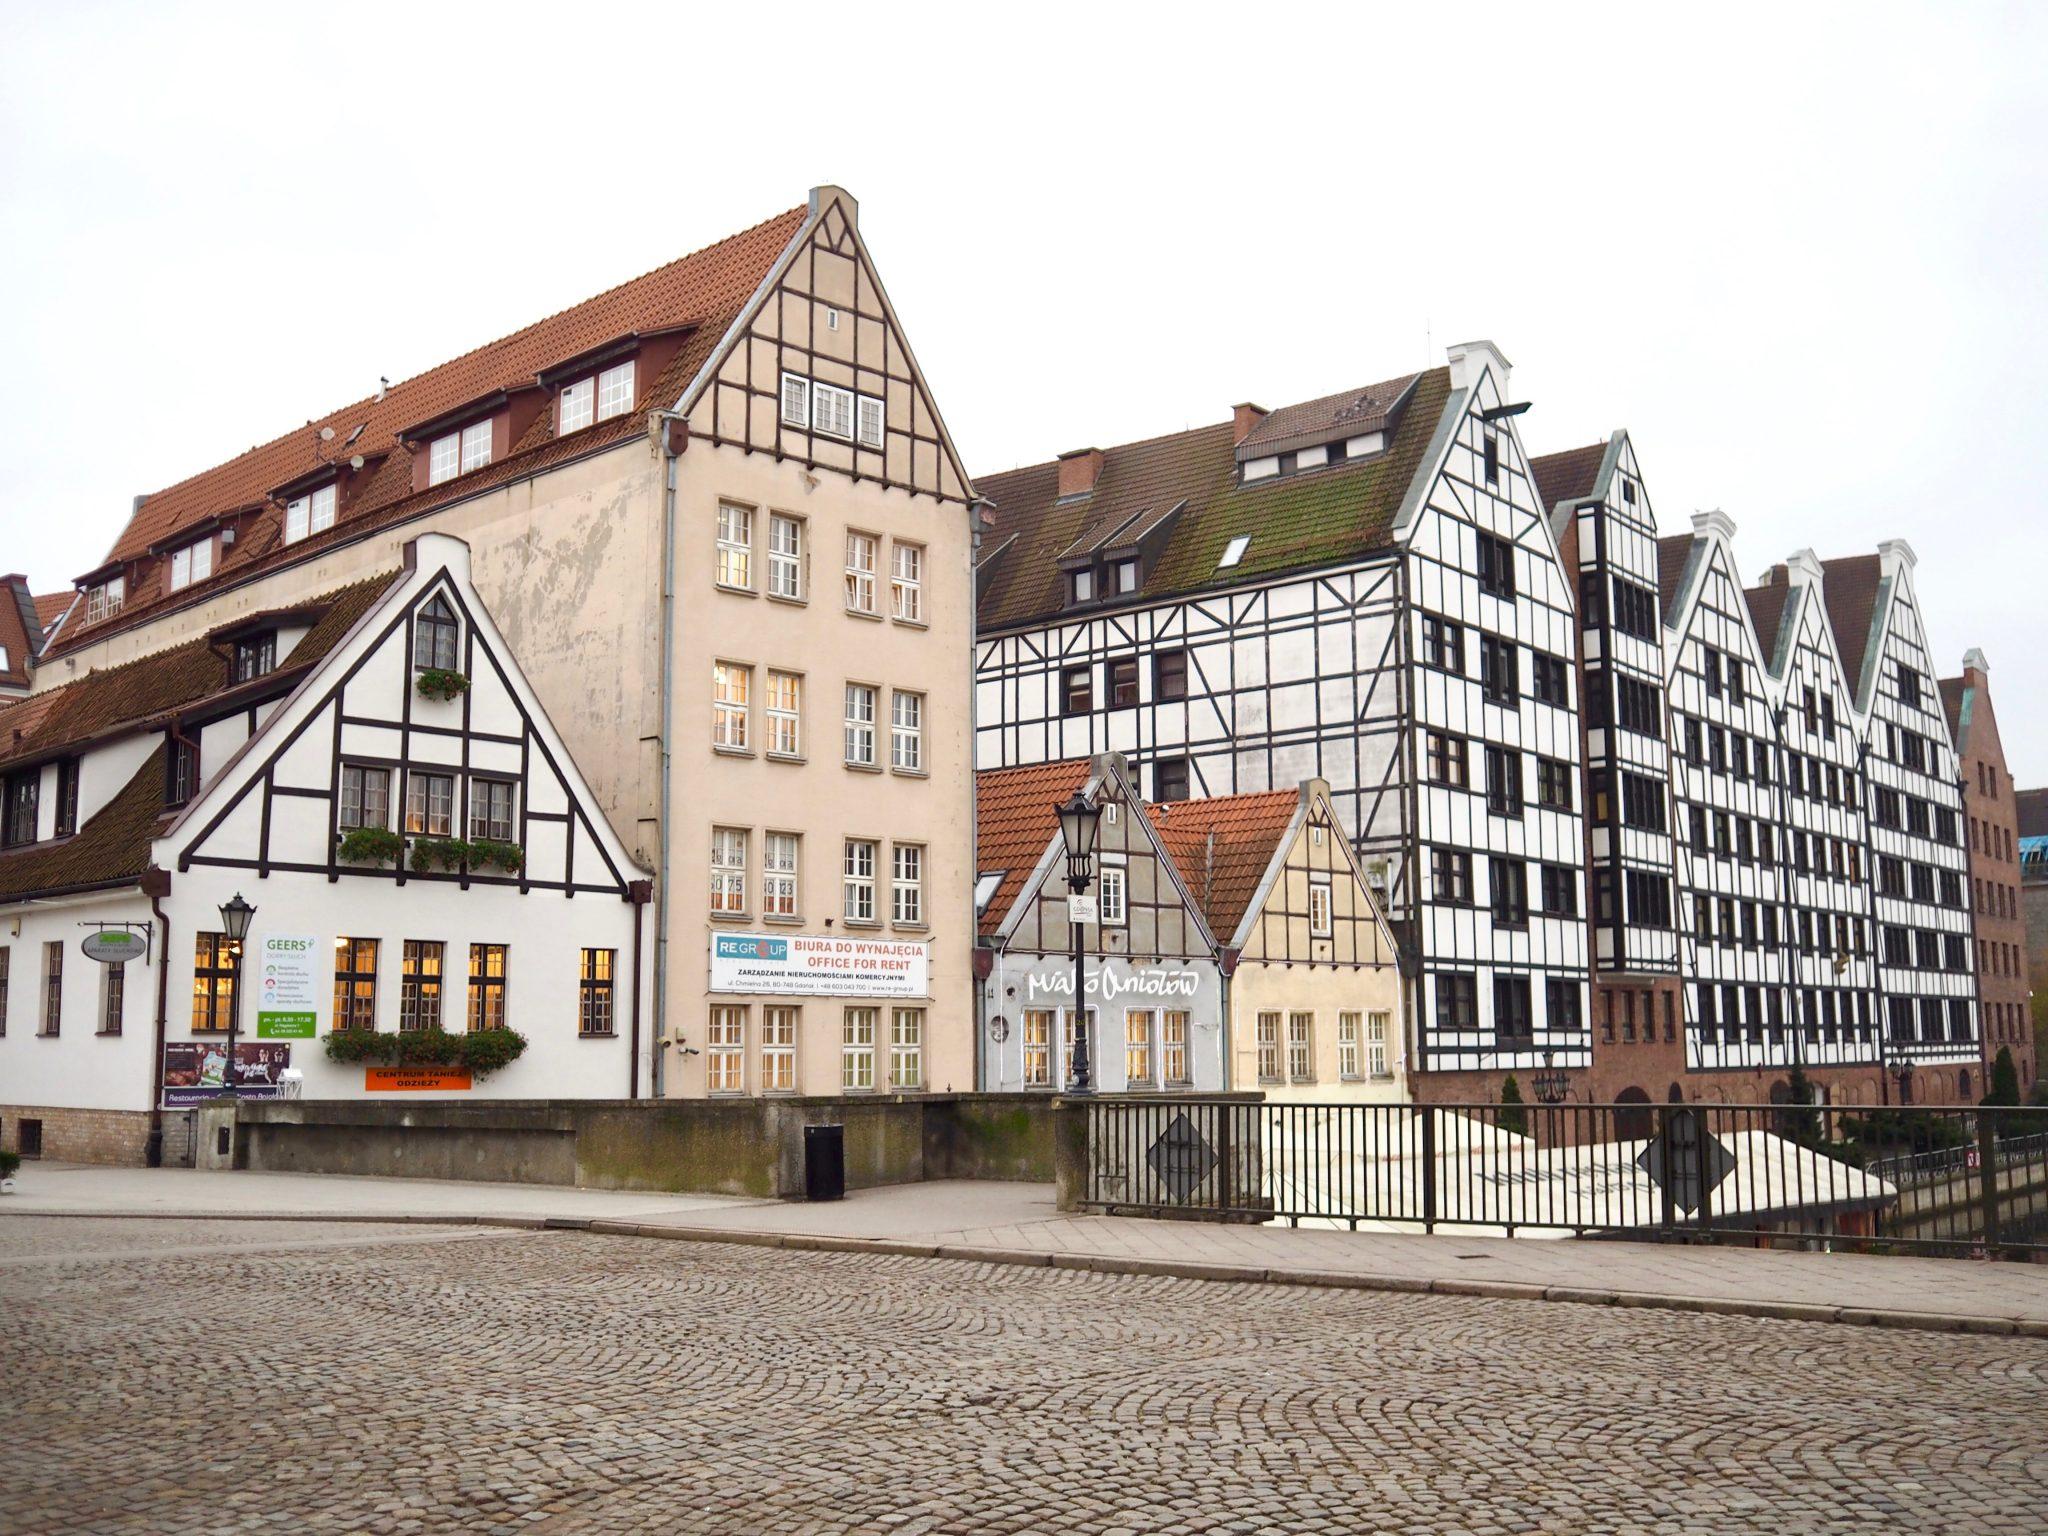 Apartament Bosko (Huoneisto), Gdańsk (Puola) tarjoukset.